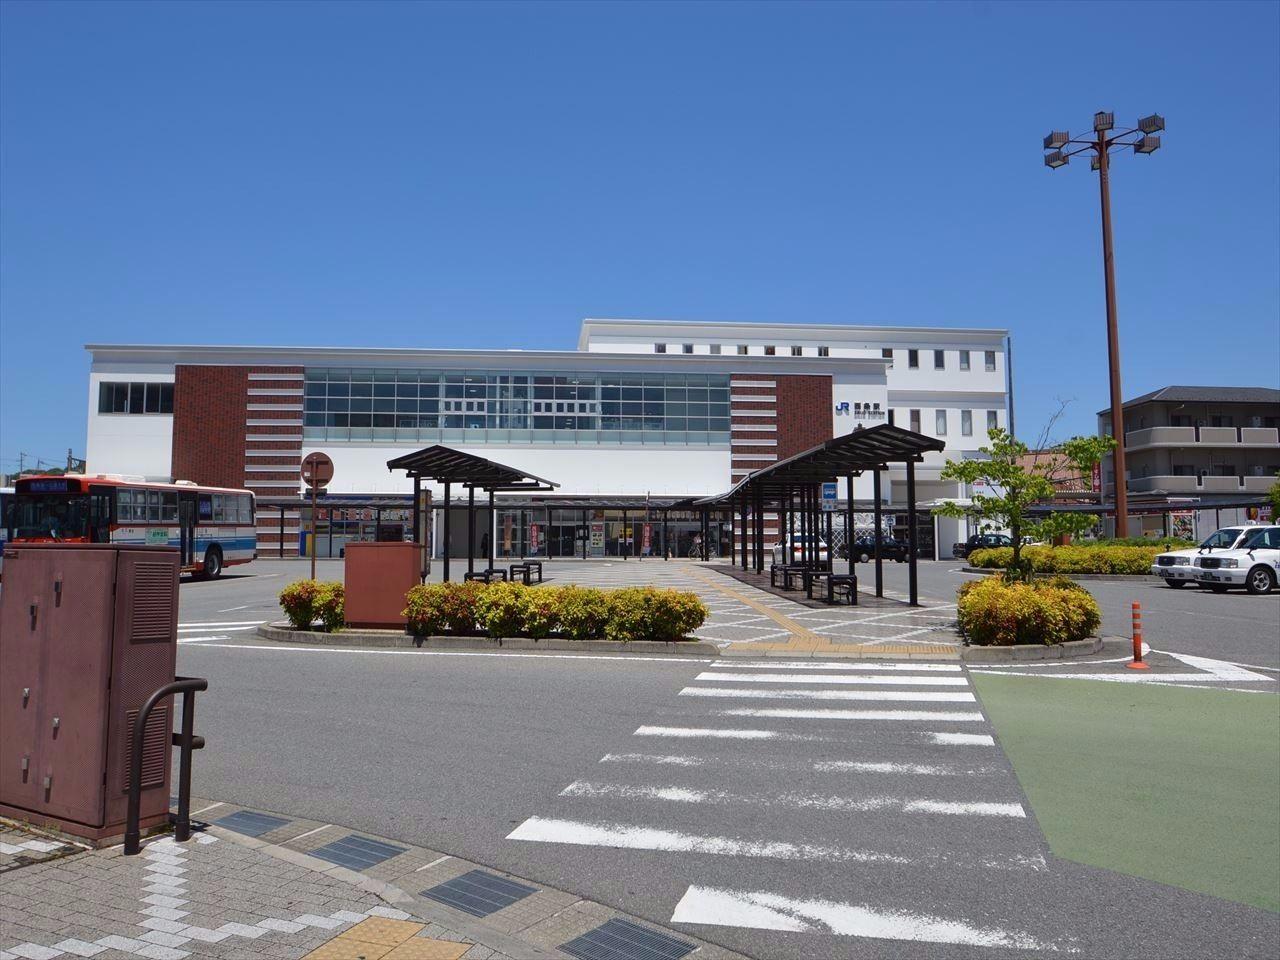 東広島市の玄関口とも言える場所。 2015年1月に西条駅橋上化工事が完了し、趣のある建物に改修された。